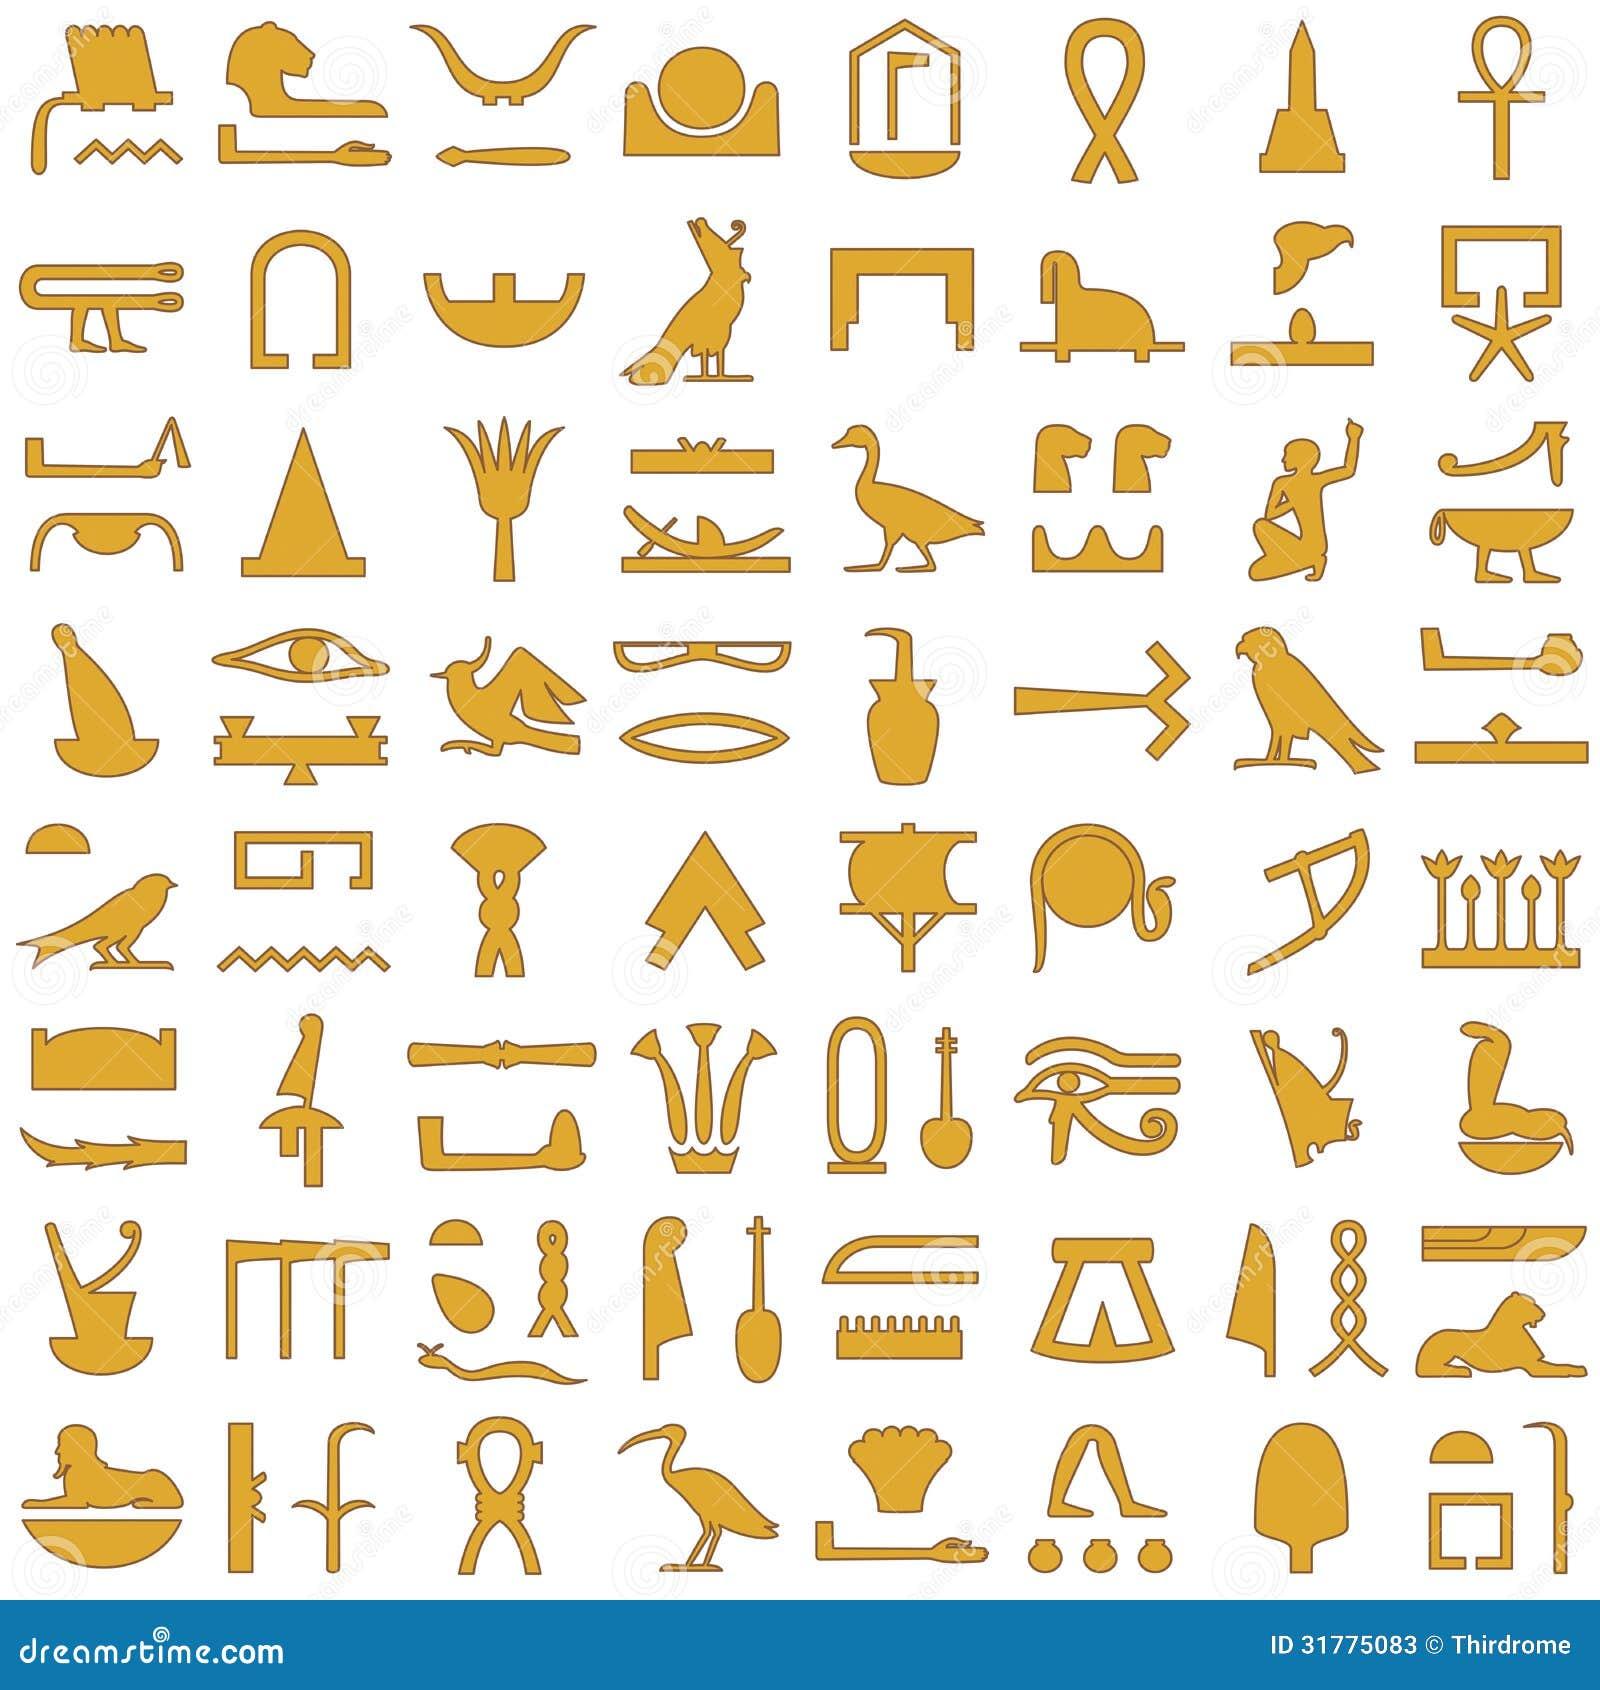 Egyptische Hiërogliefen Decoratieve Reeks 2 Stock Foto's - Afbeelding ...: nl.dreamstime.com/stock-foto-s-egyptische-hiërogliefen-decoratieve...